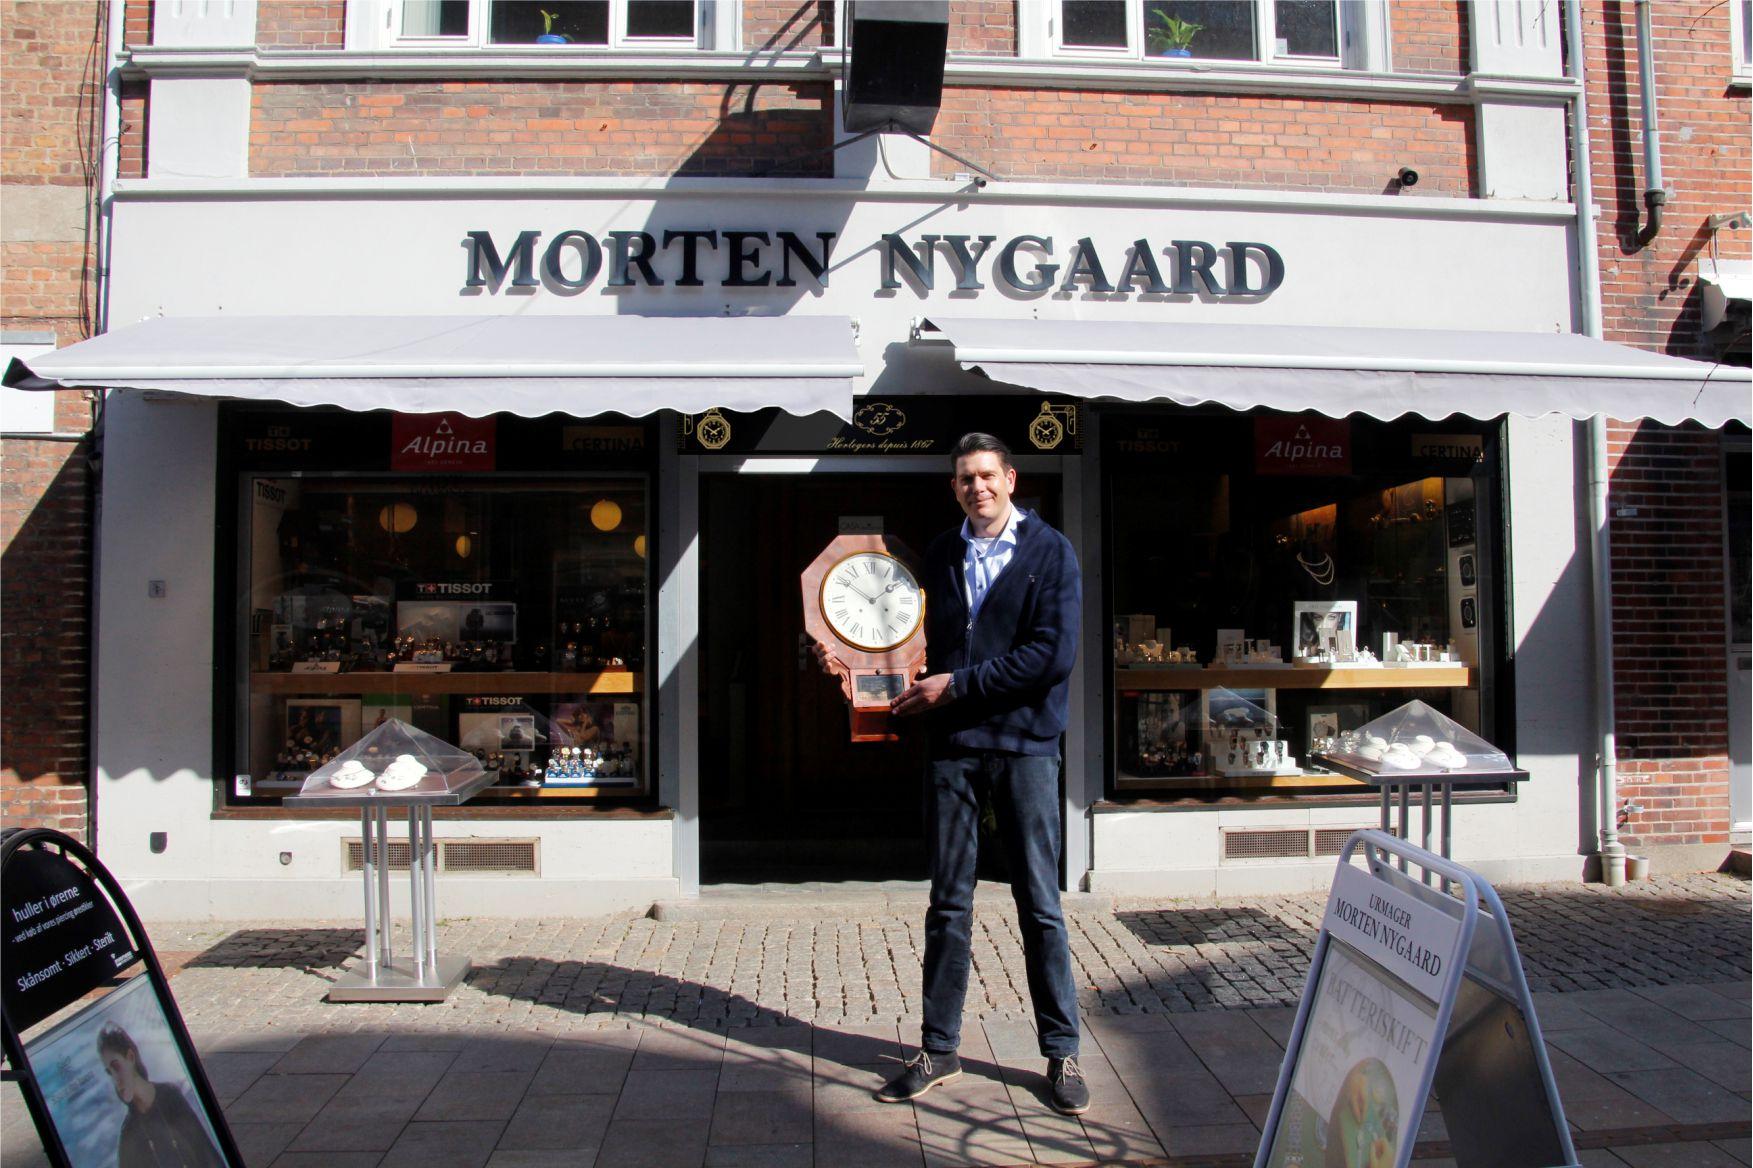 Morten Nygaard facade